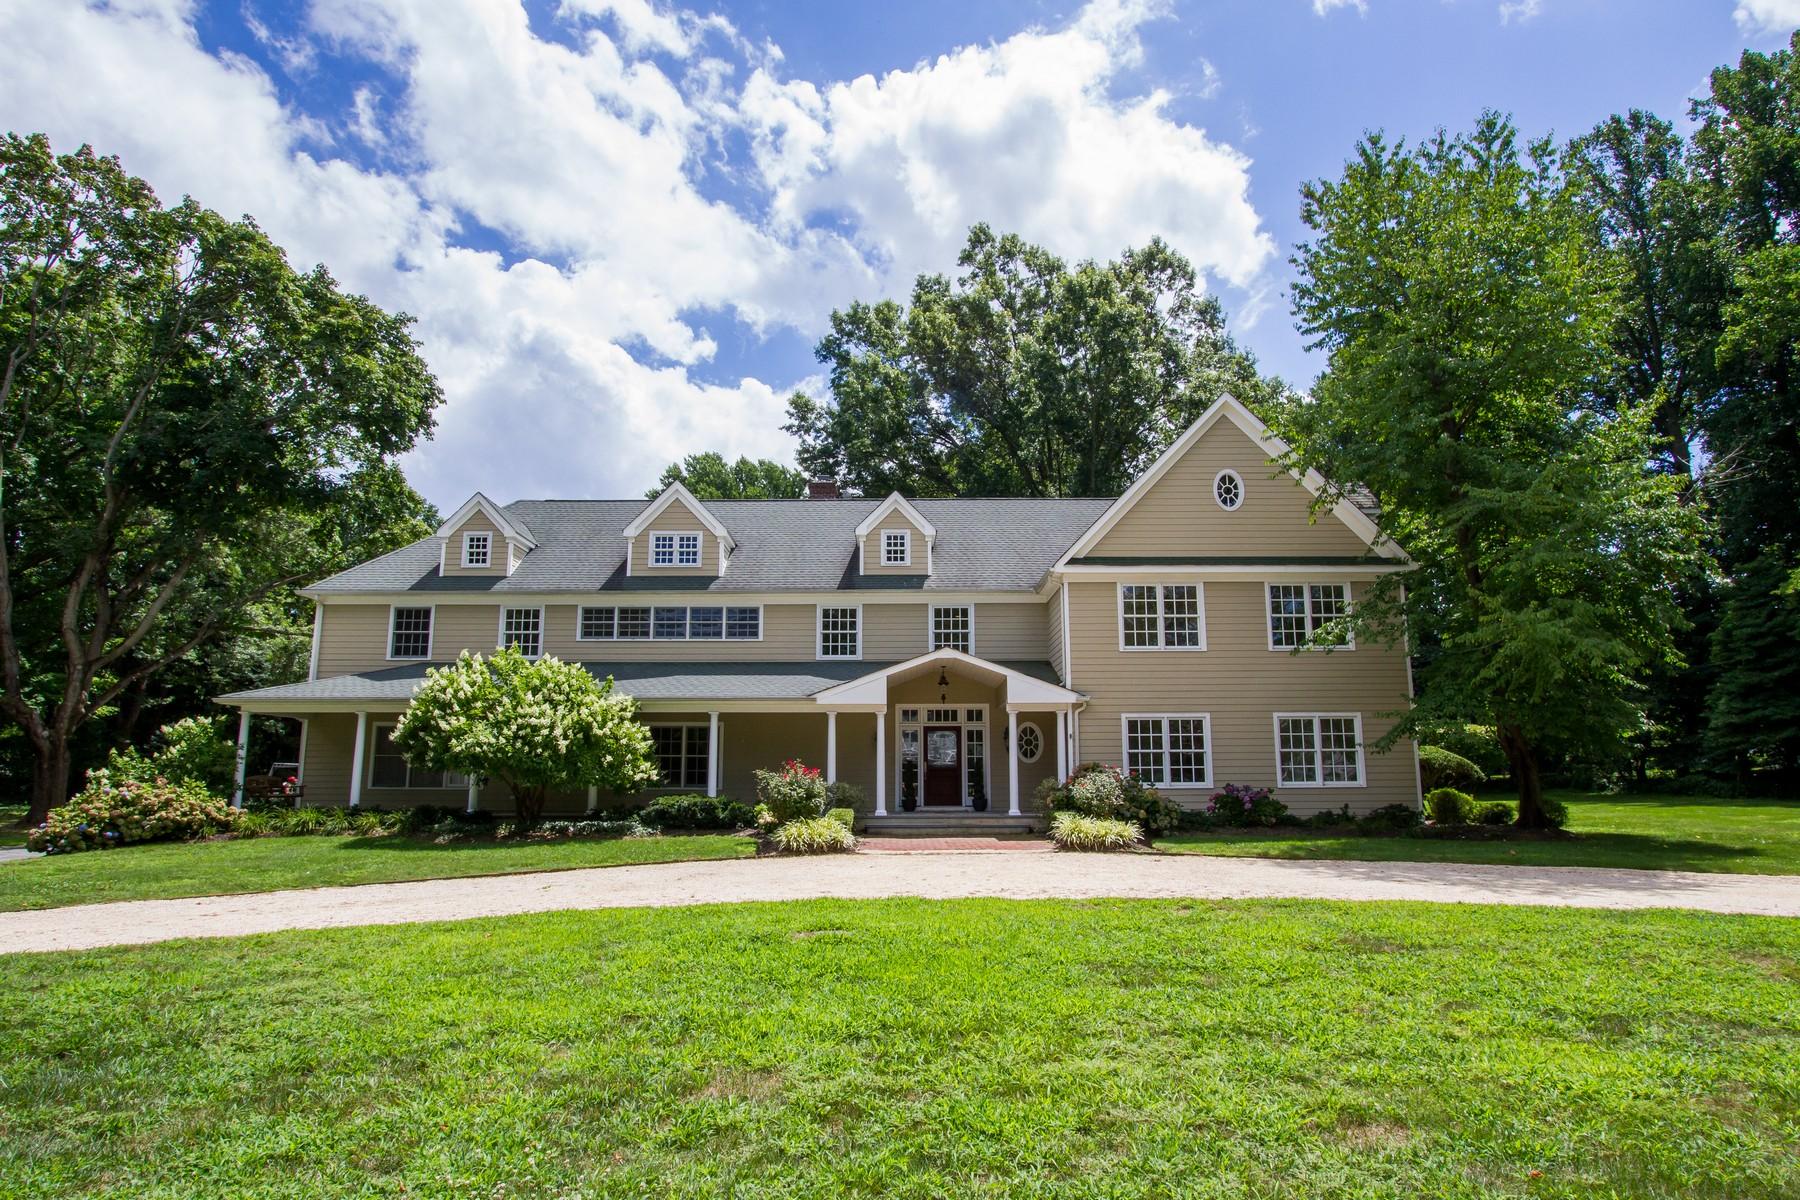 Maison unifamiliale pour l Vente à Best Value in Town 3 Clover lane, Rumson, New Jersey 07760 États-Unis